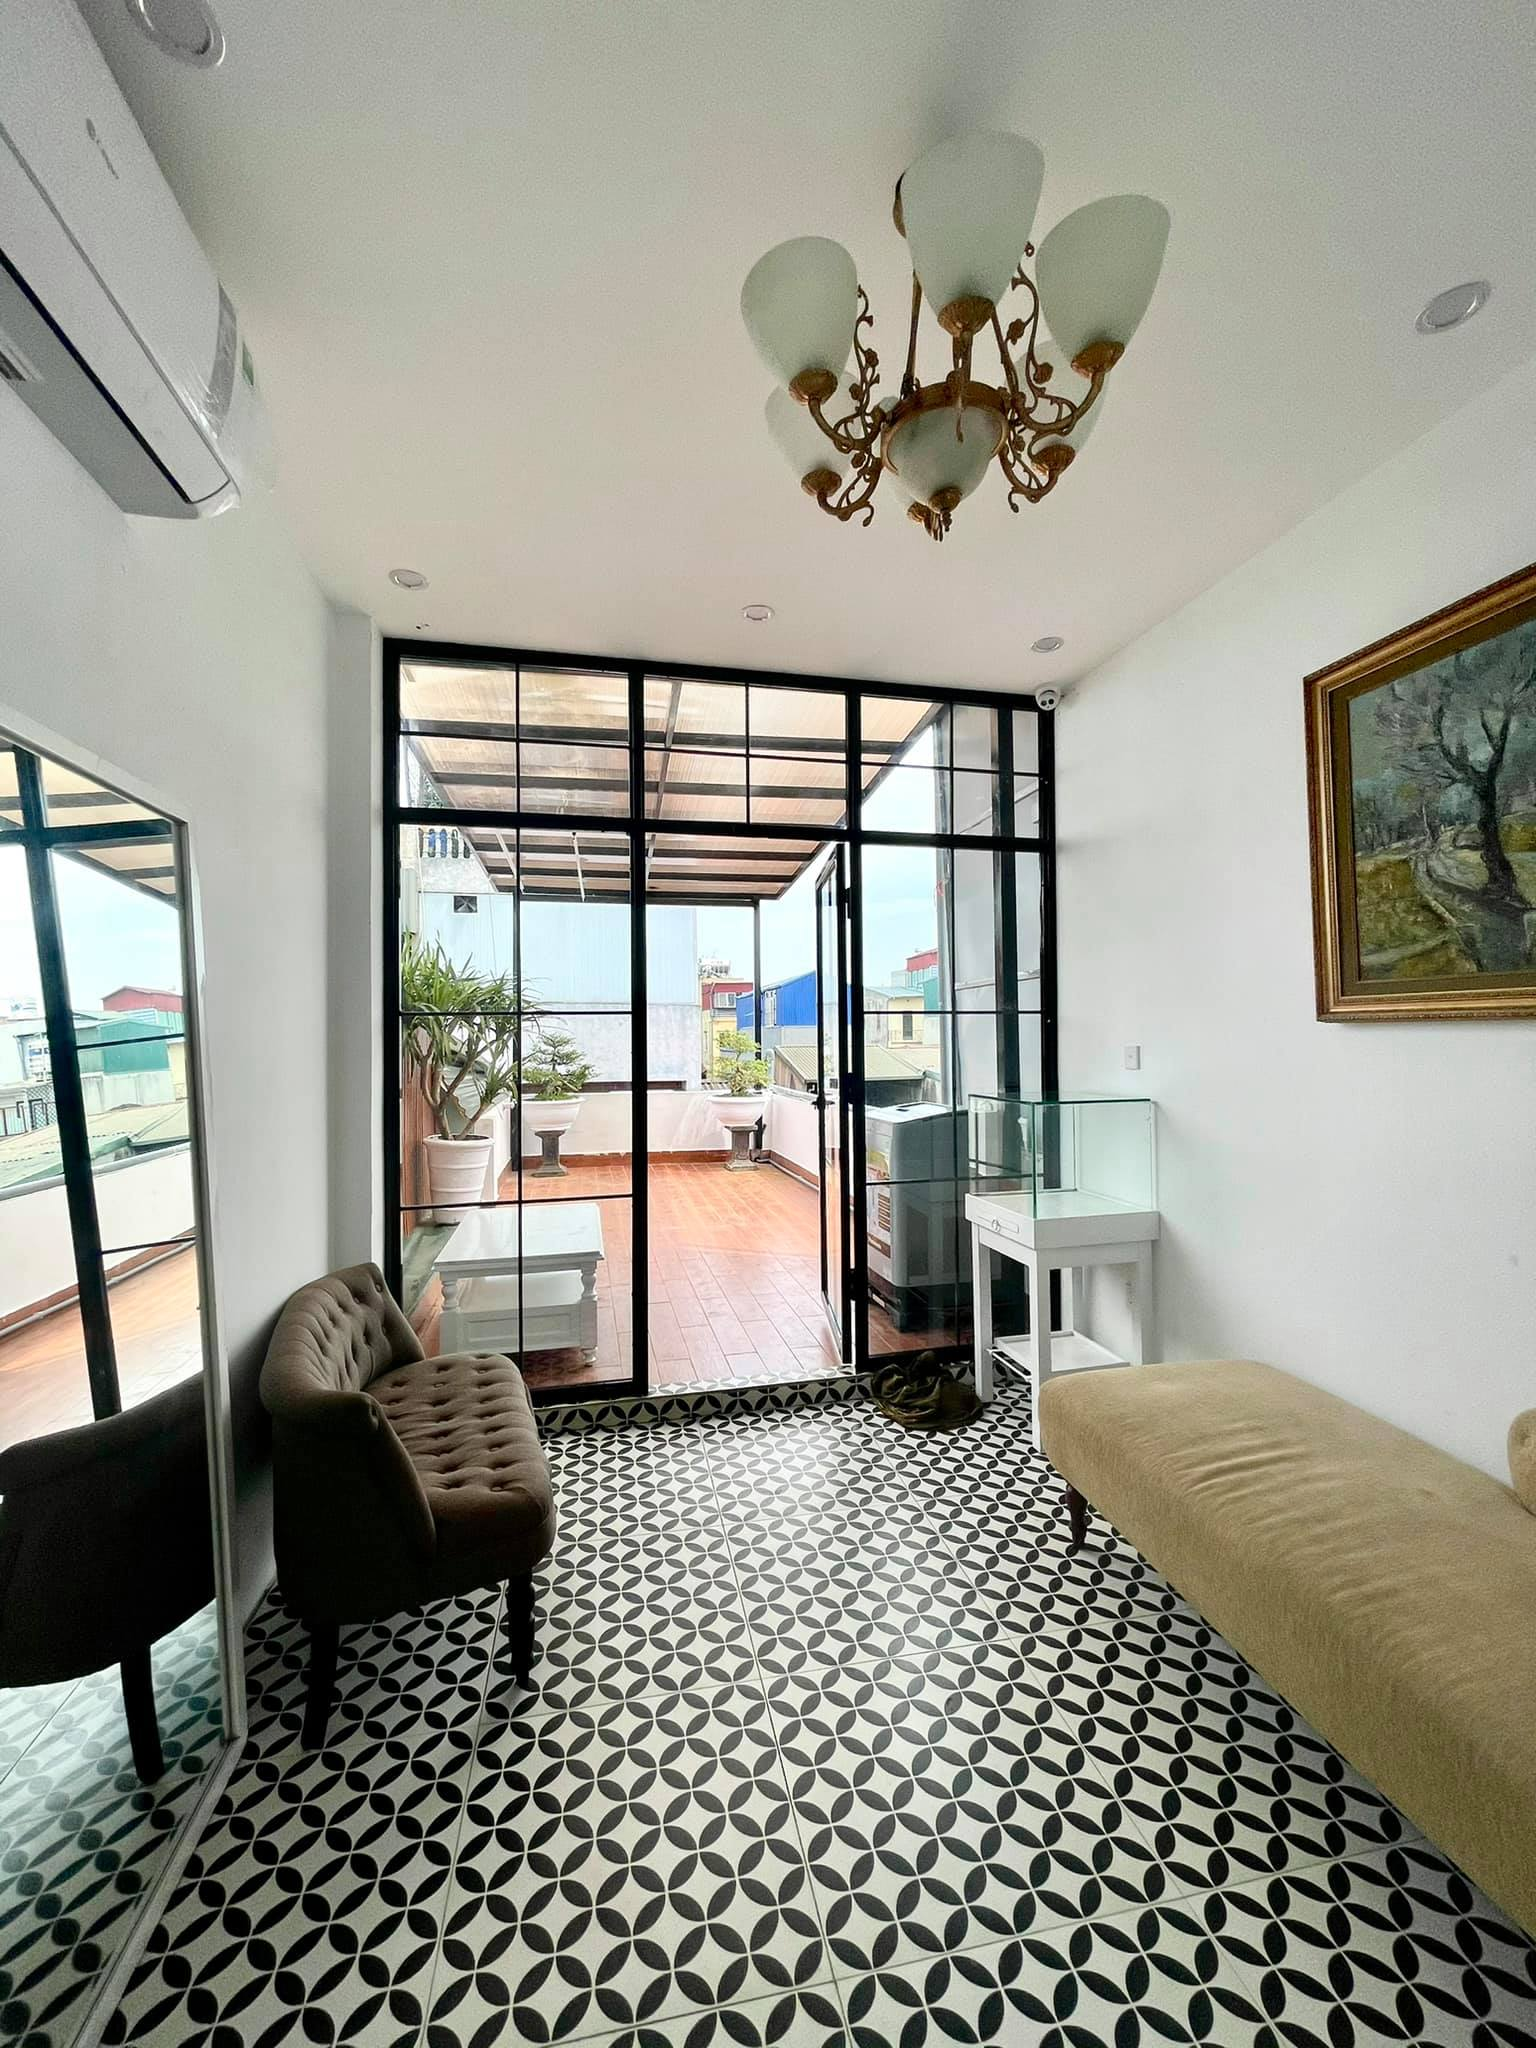 Ngôi nhà kết hợp style Á Âu của cặp vợ chồng trẻ: Phòng khách kê toàn tủ đá quý chắn lối đi, phòng ngủ sơn xanh lam khó-rời-mắt - Ảnh 12.